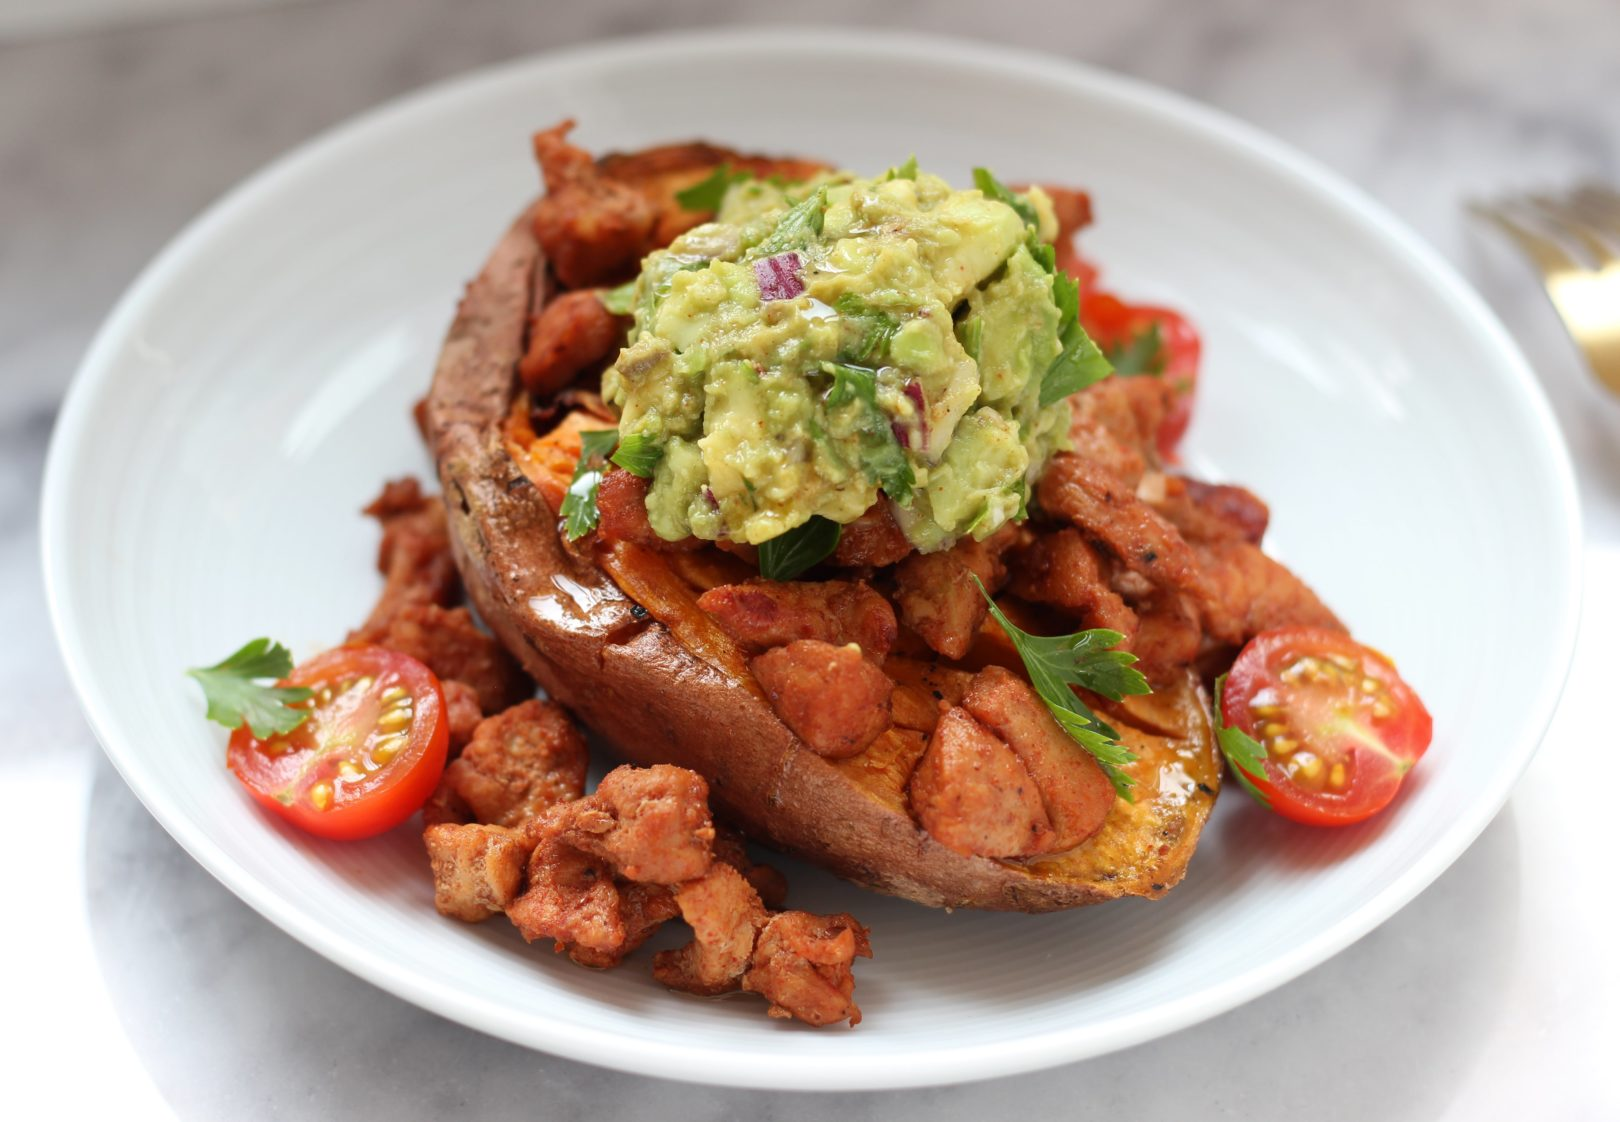 Patate douce rôtie au four accompagnée de guacamole et porc sauté au paprika